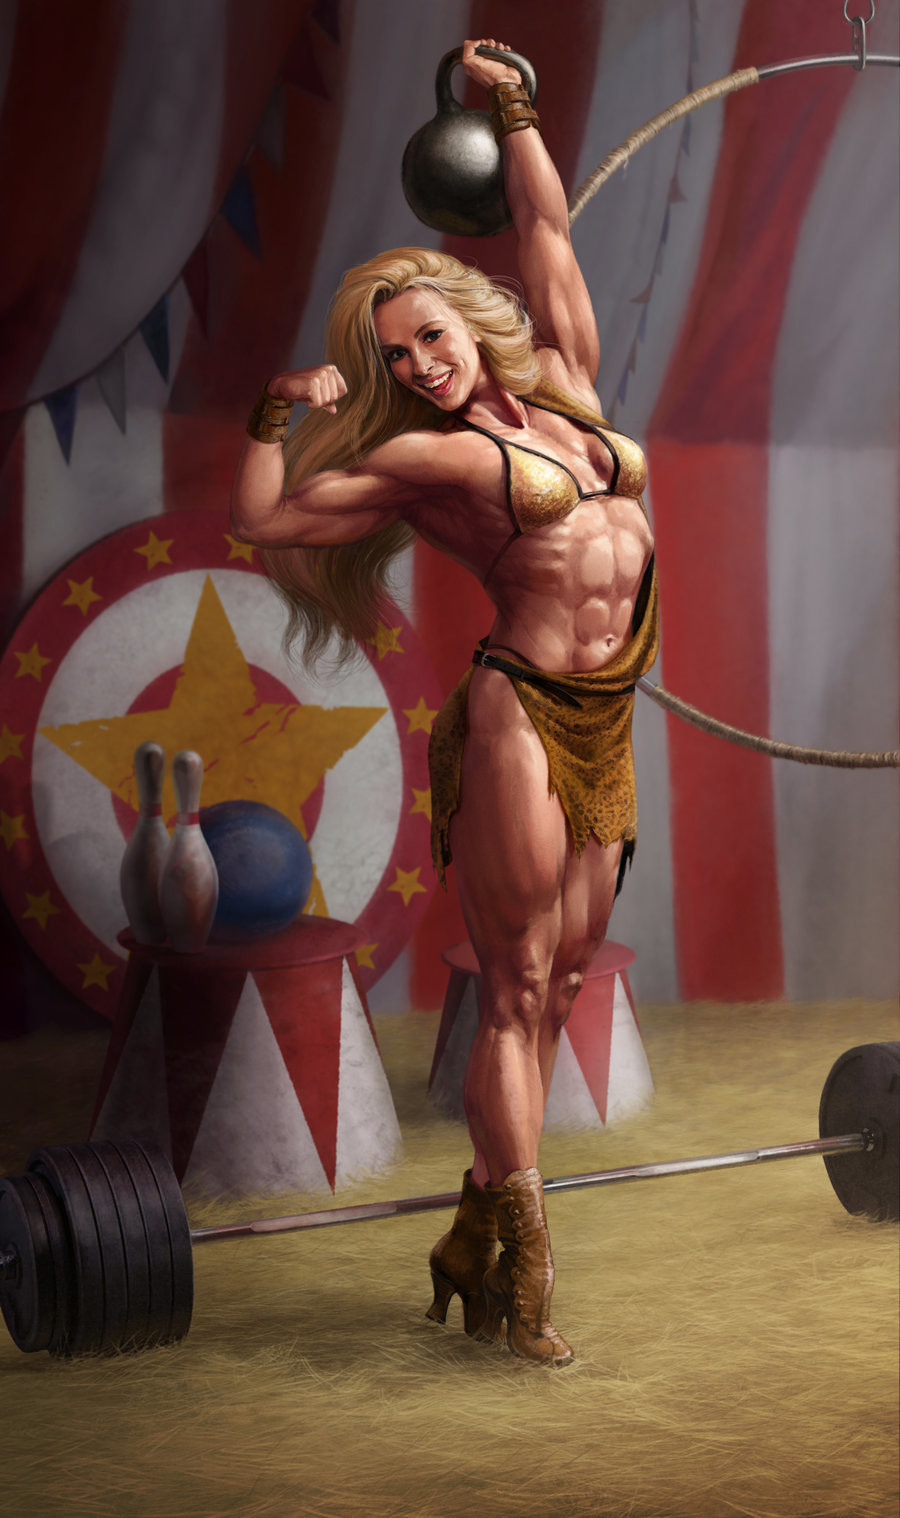 Circus Strong Women deviantART